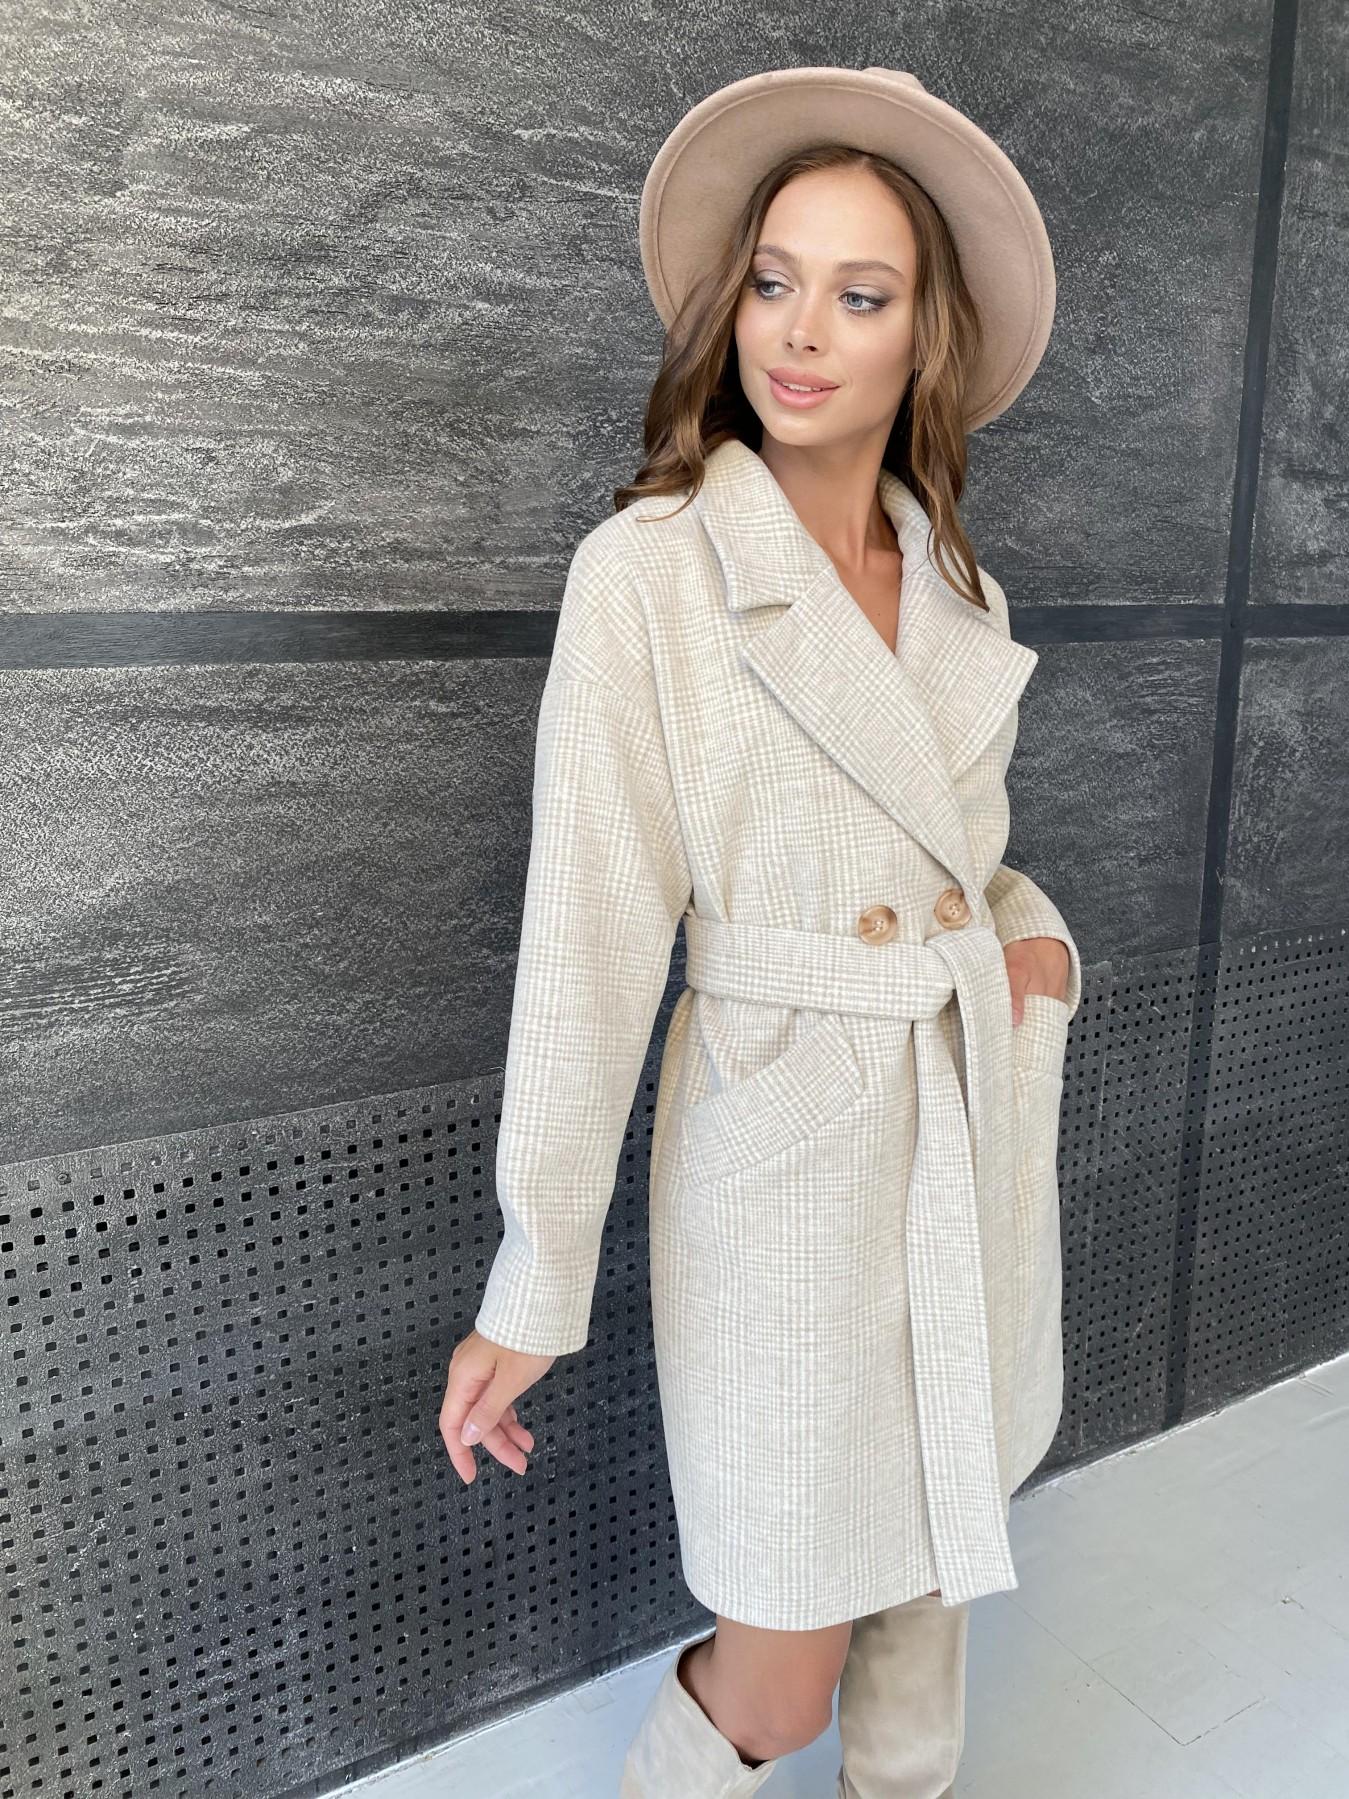 Купить пальто в Харькове Modus Сенсей пальто клетка комби пальтовая ткань 11649